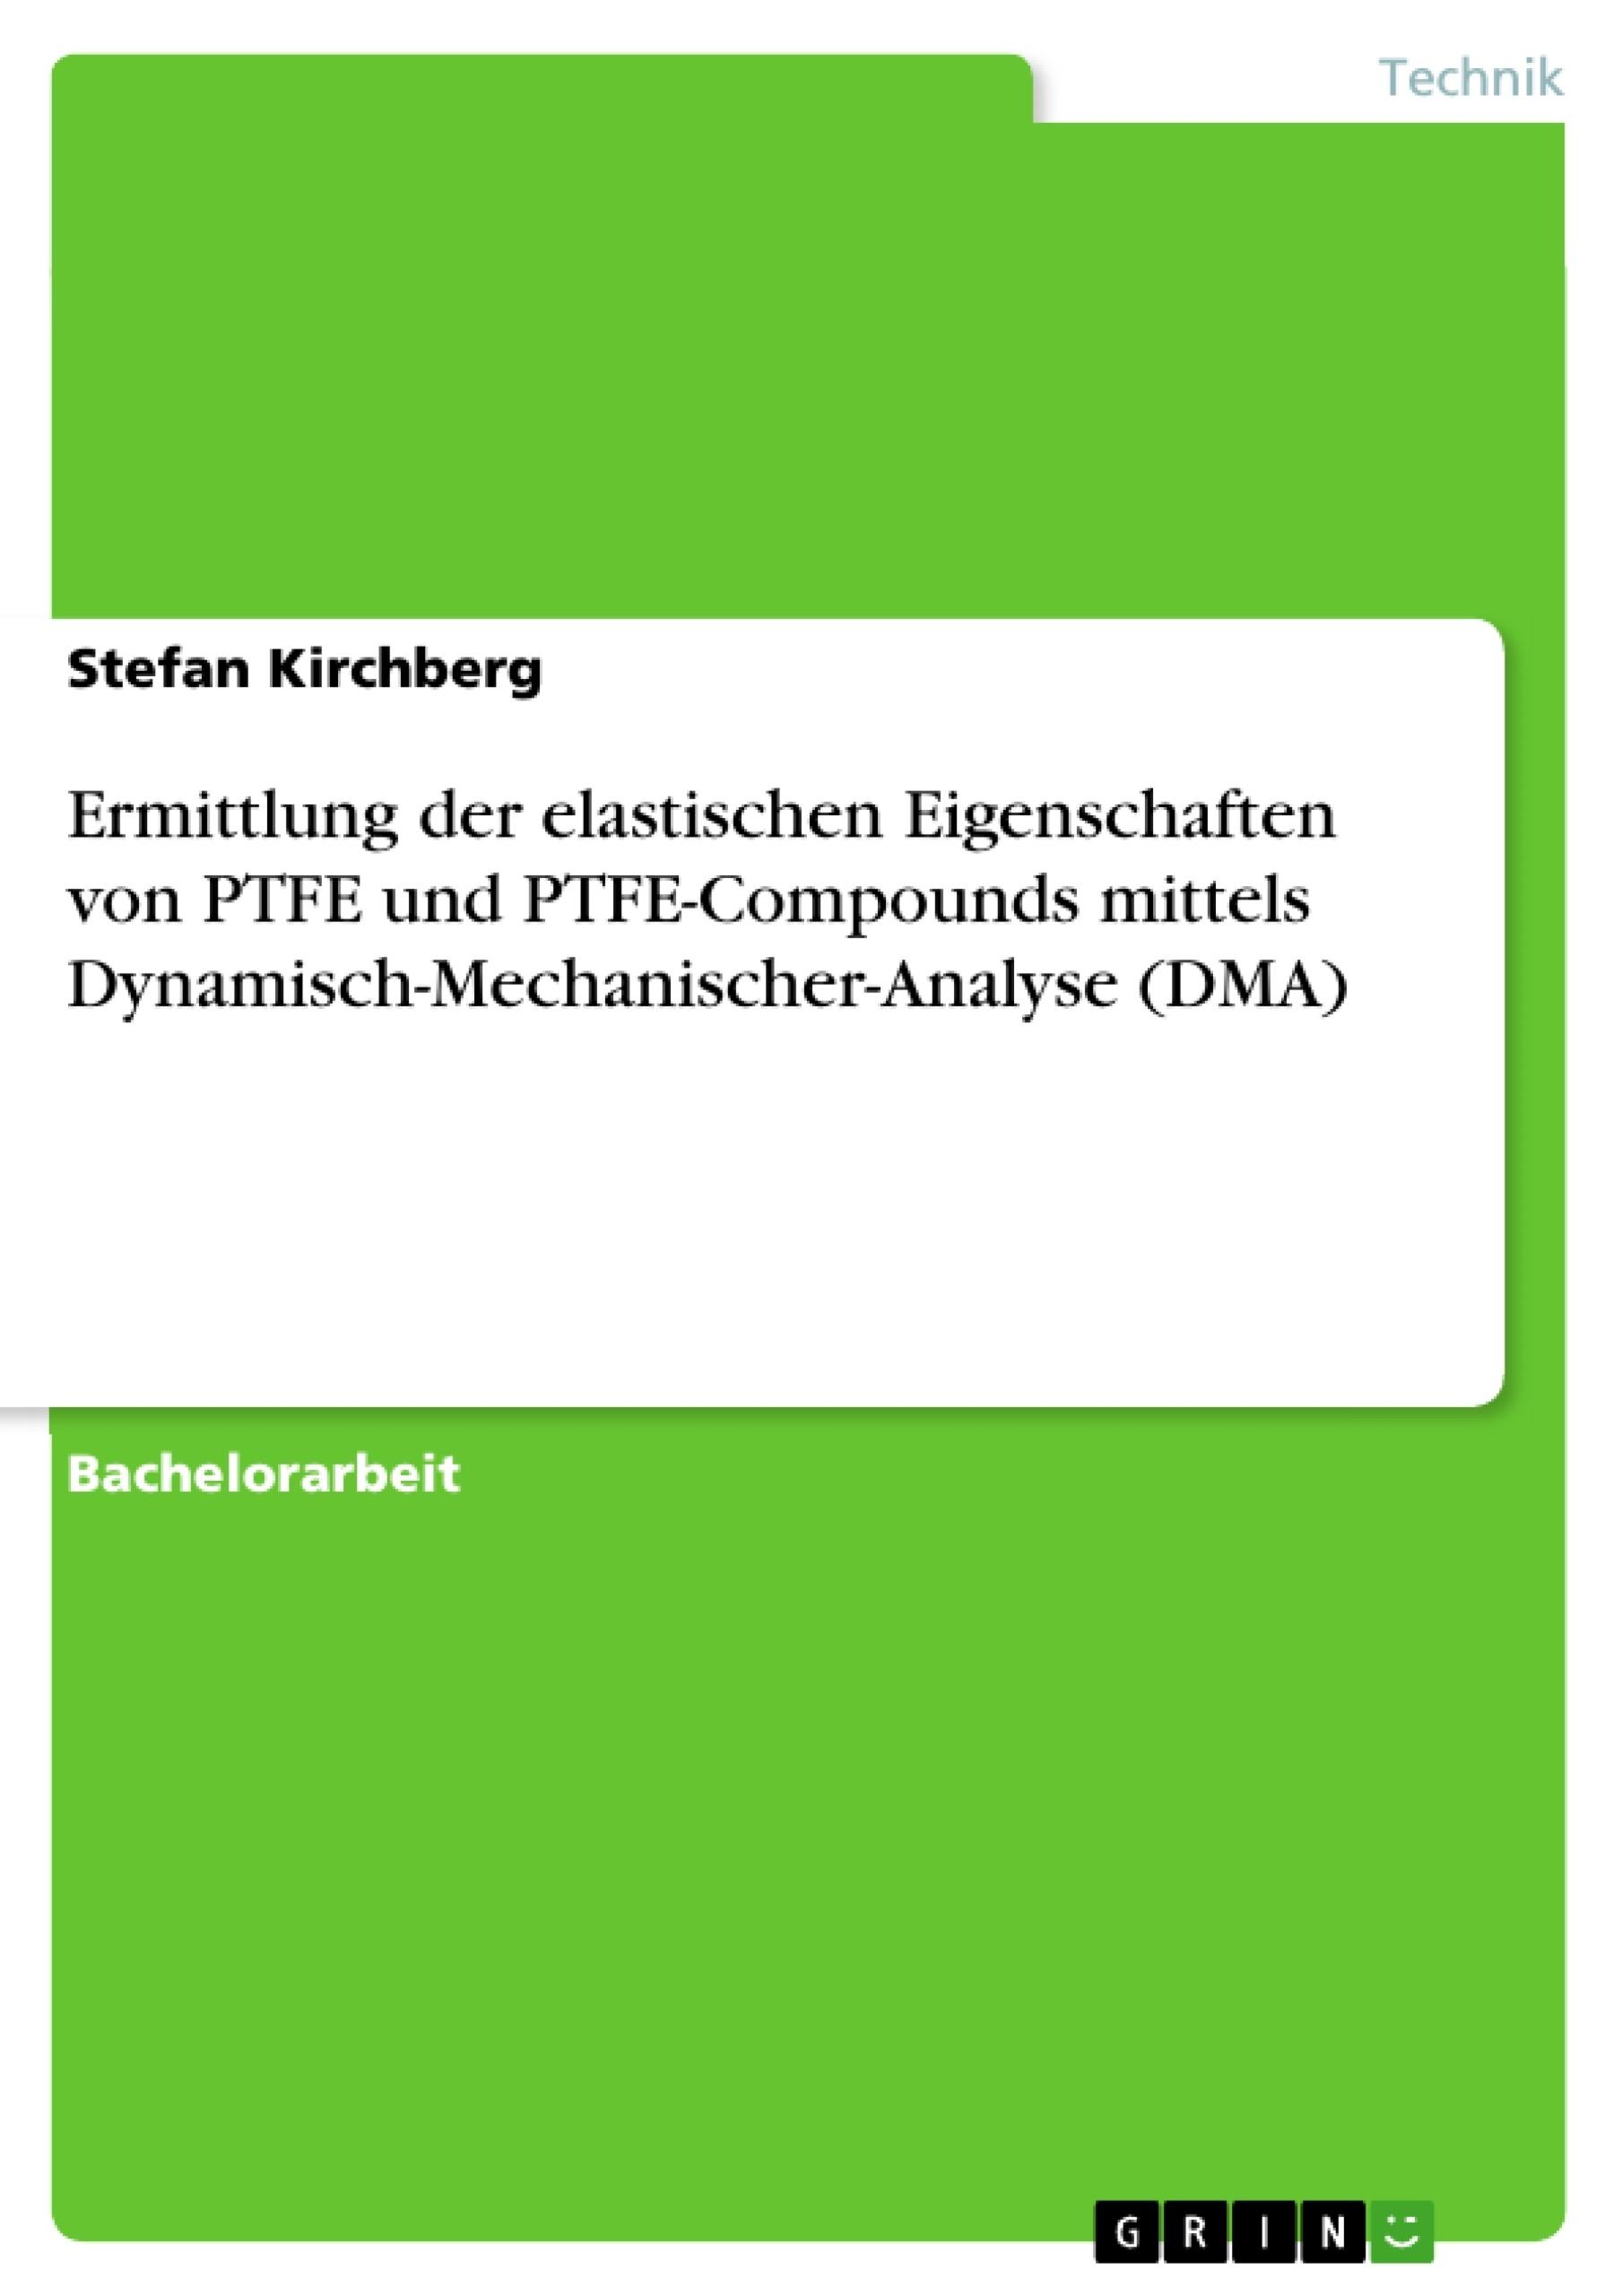 Titel: Ermittlung der elastischen Eigenschaften  von PTFE und PTFE-Compounds  mittels Dynamisch-Mechanischer-Analyse (DMA)